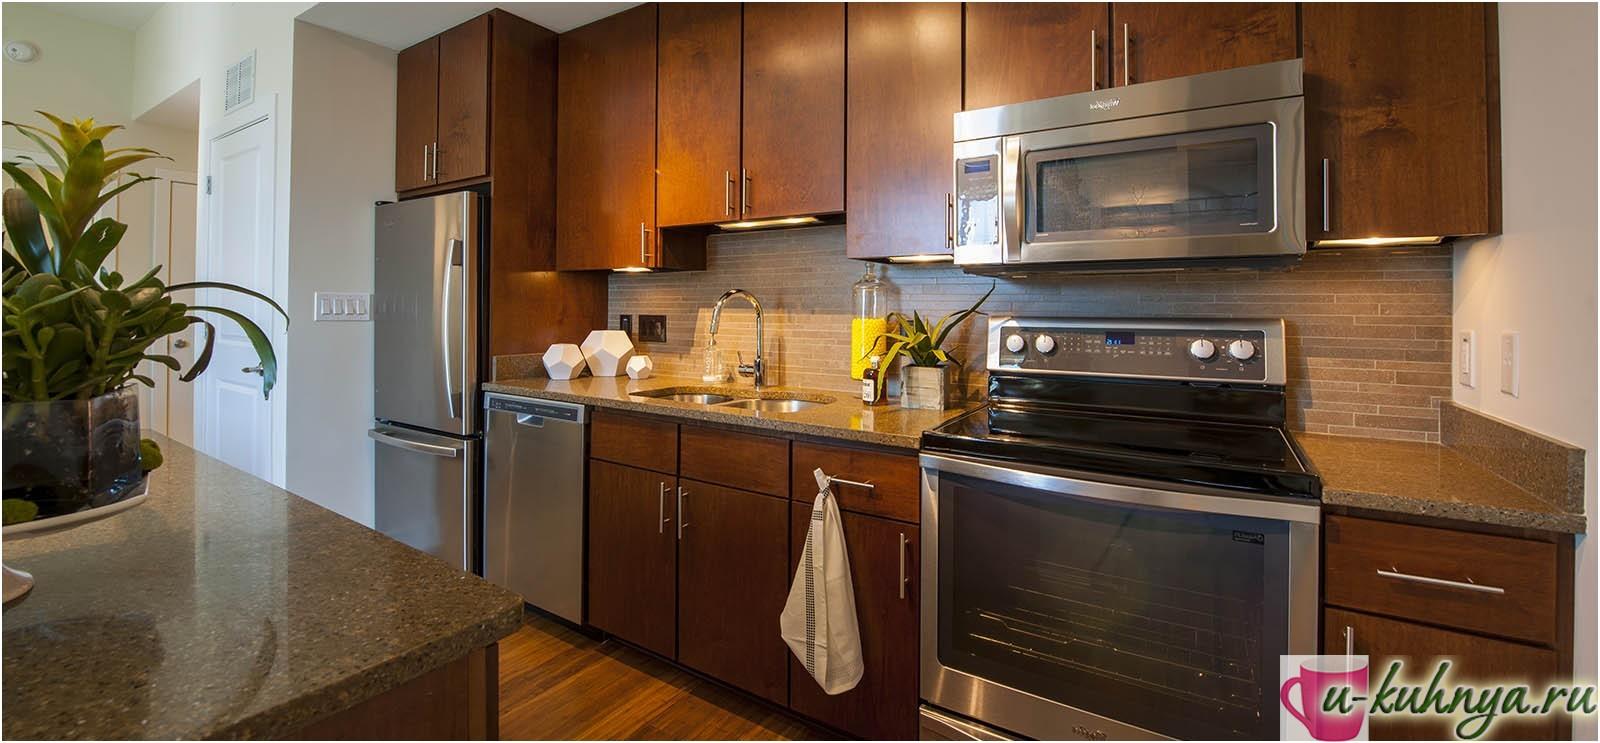 лучшие кухни дизайн современный стиль